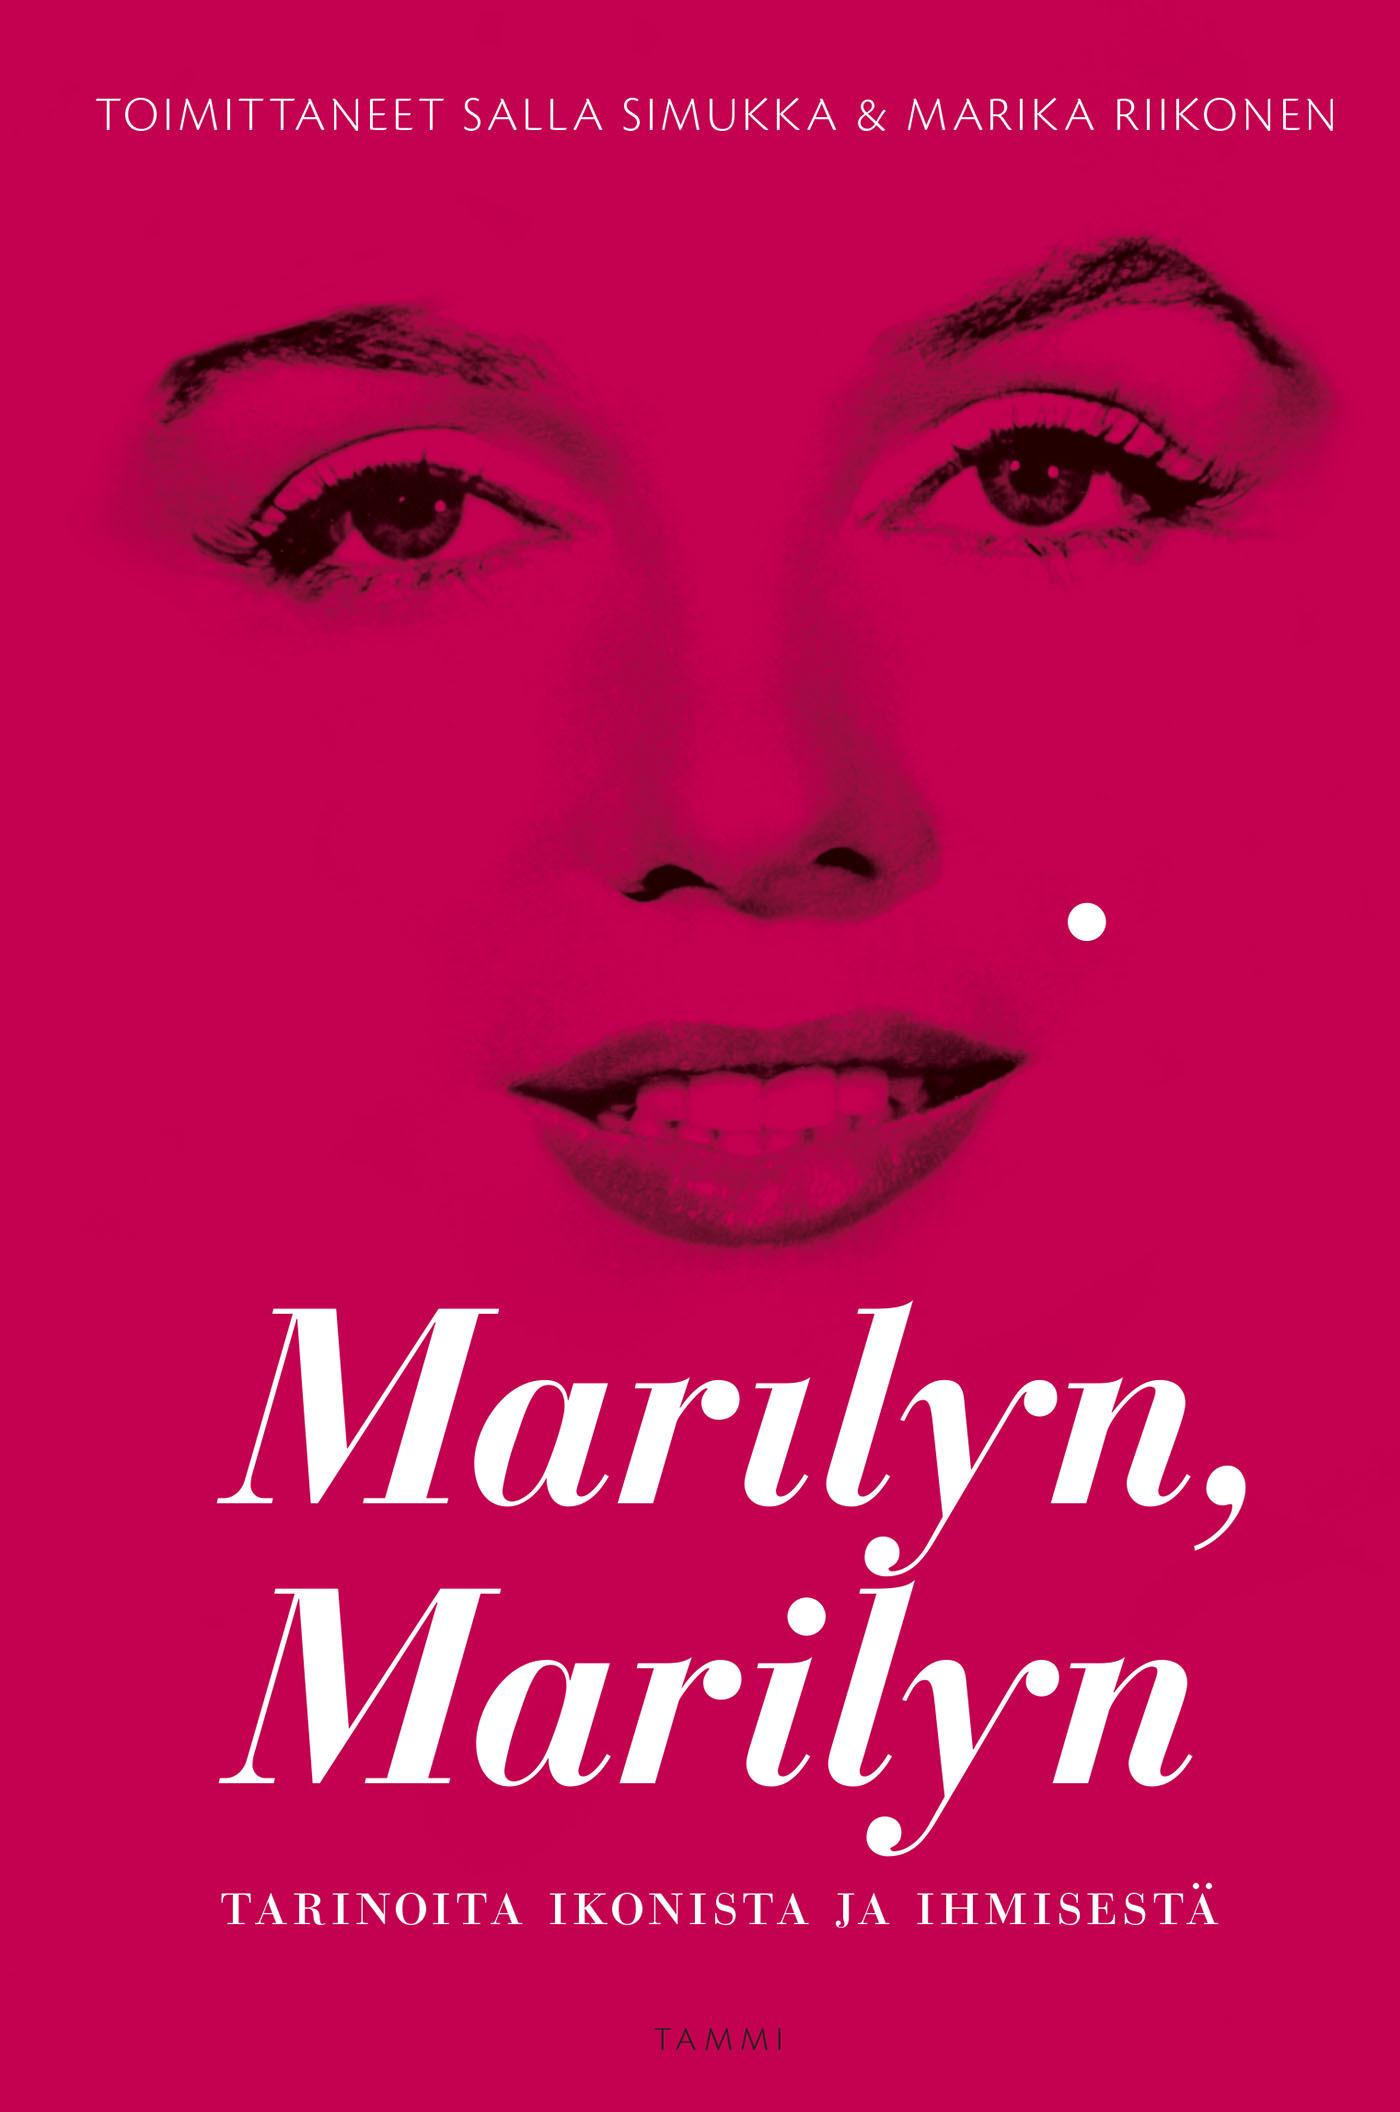 Riikonen, Marika - Marilyn, Marilyn: Tarinoita ikonista ja ihmisestä, e-kirja